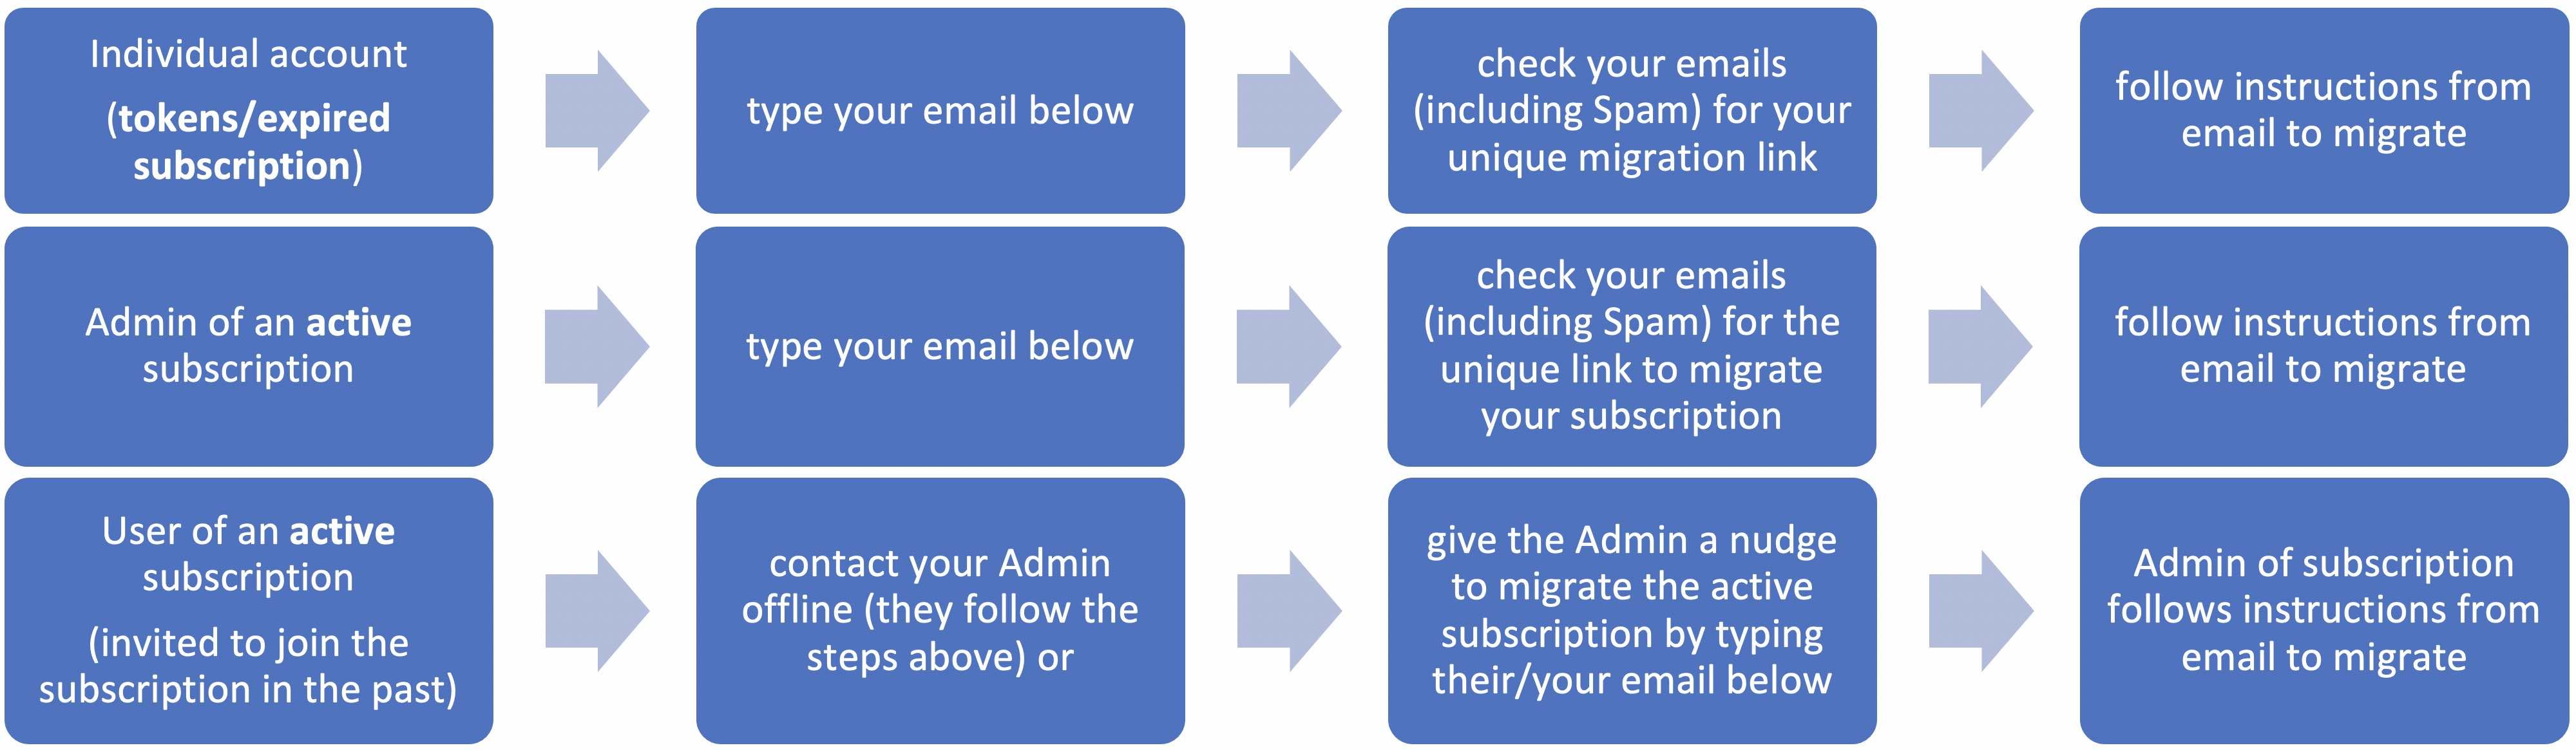 Steps summary